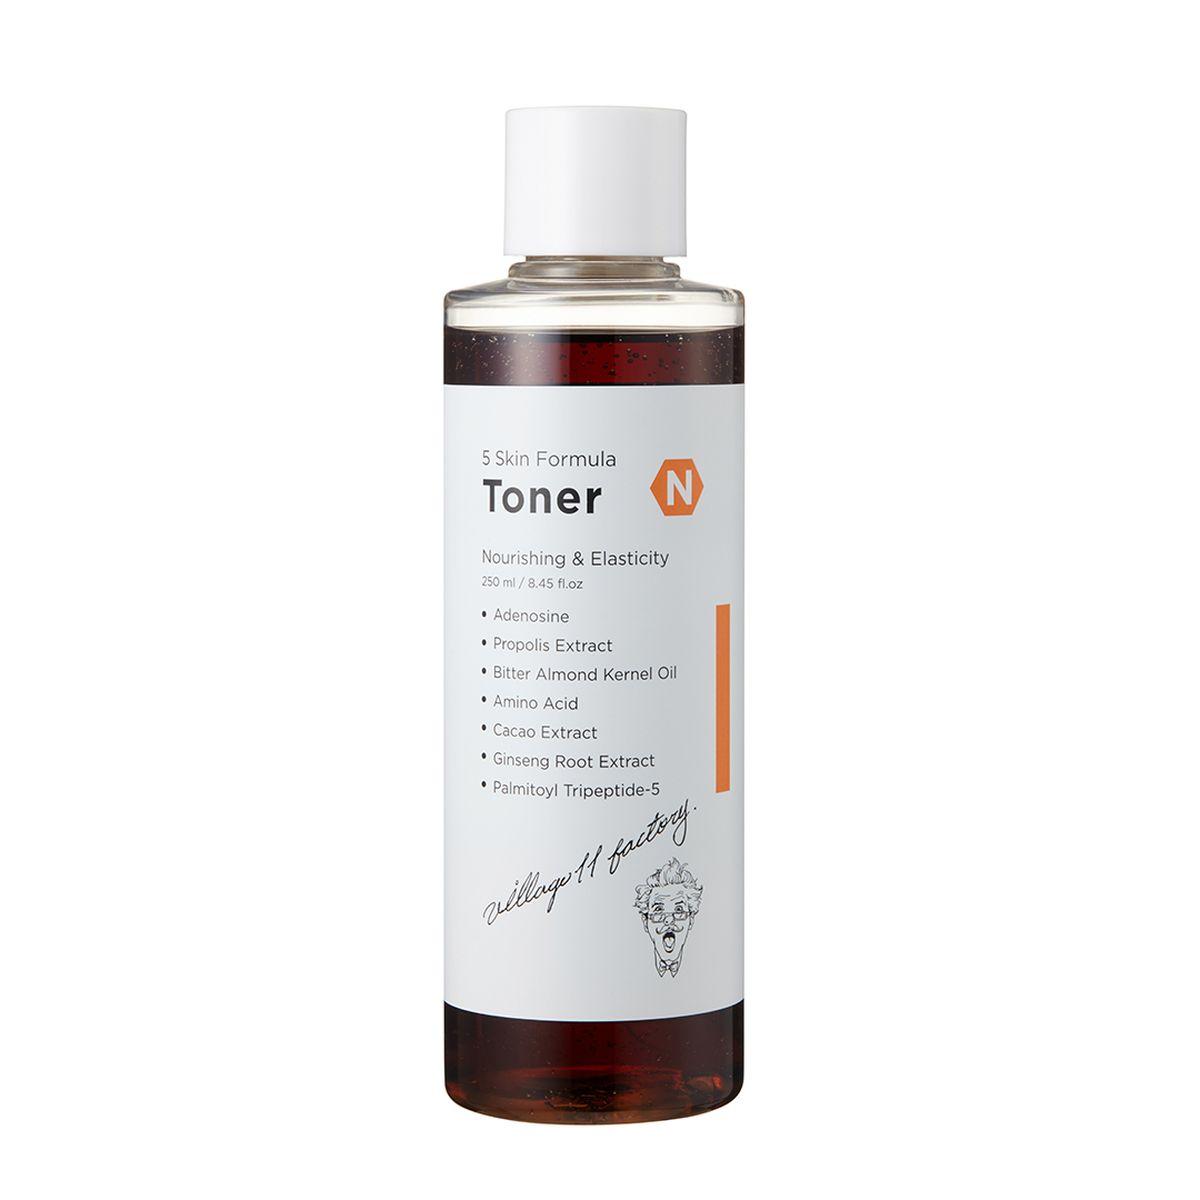 Питательный тонер для лица Village 11 Factory N Skin Formula Toner - 250 мл